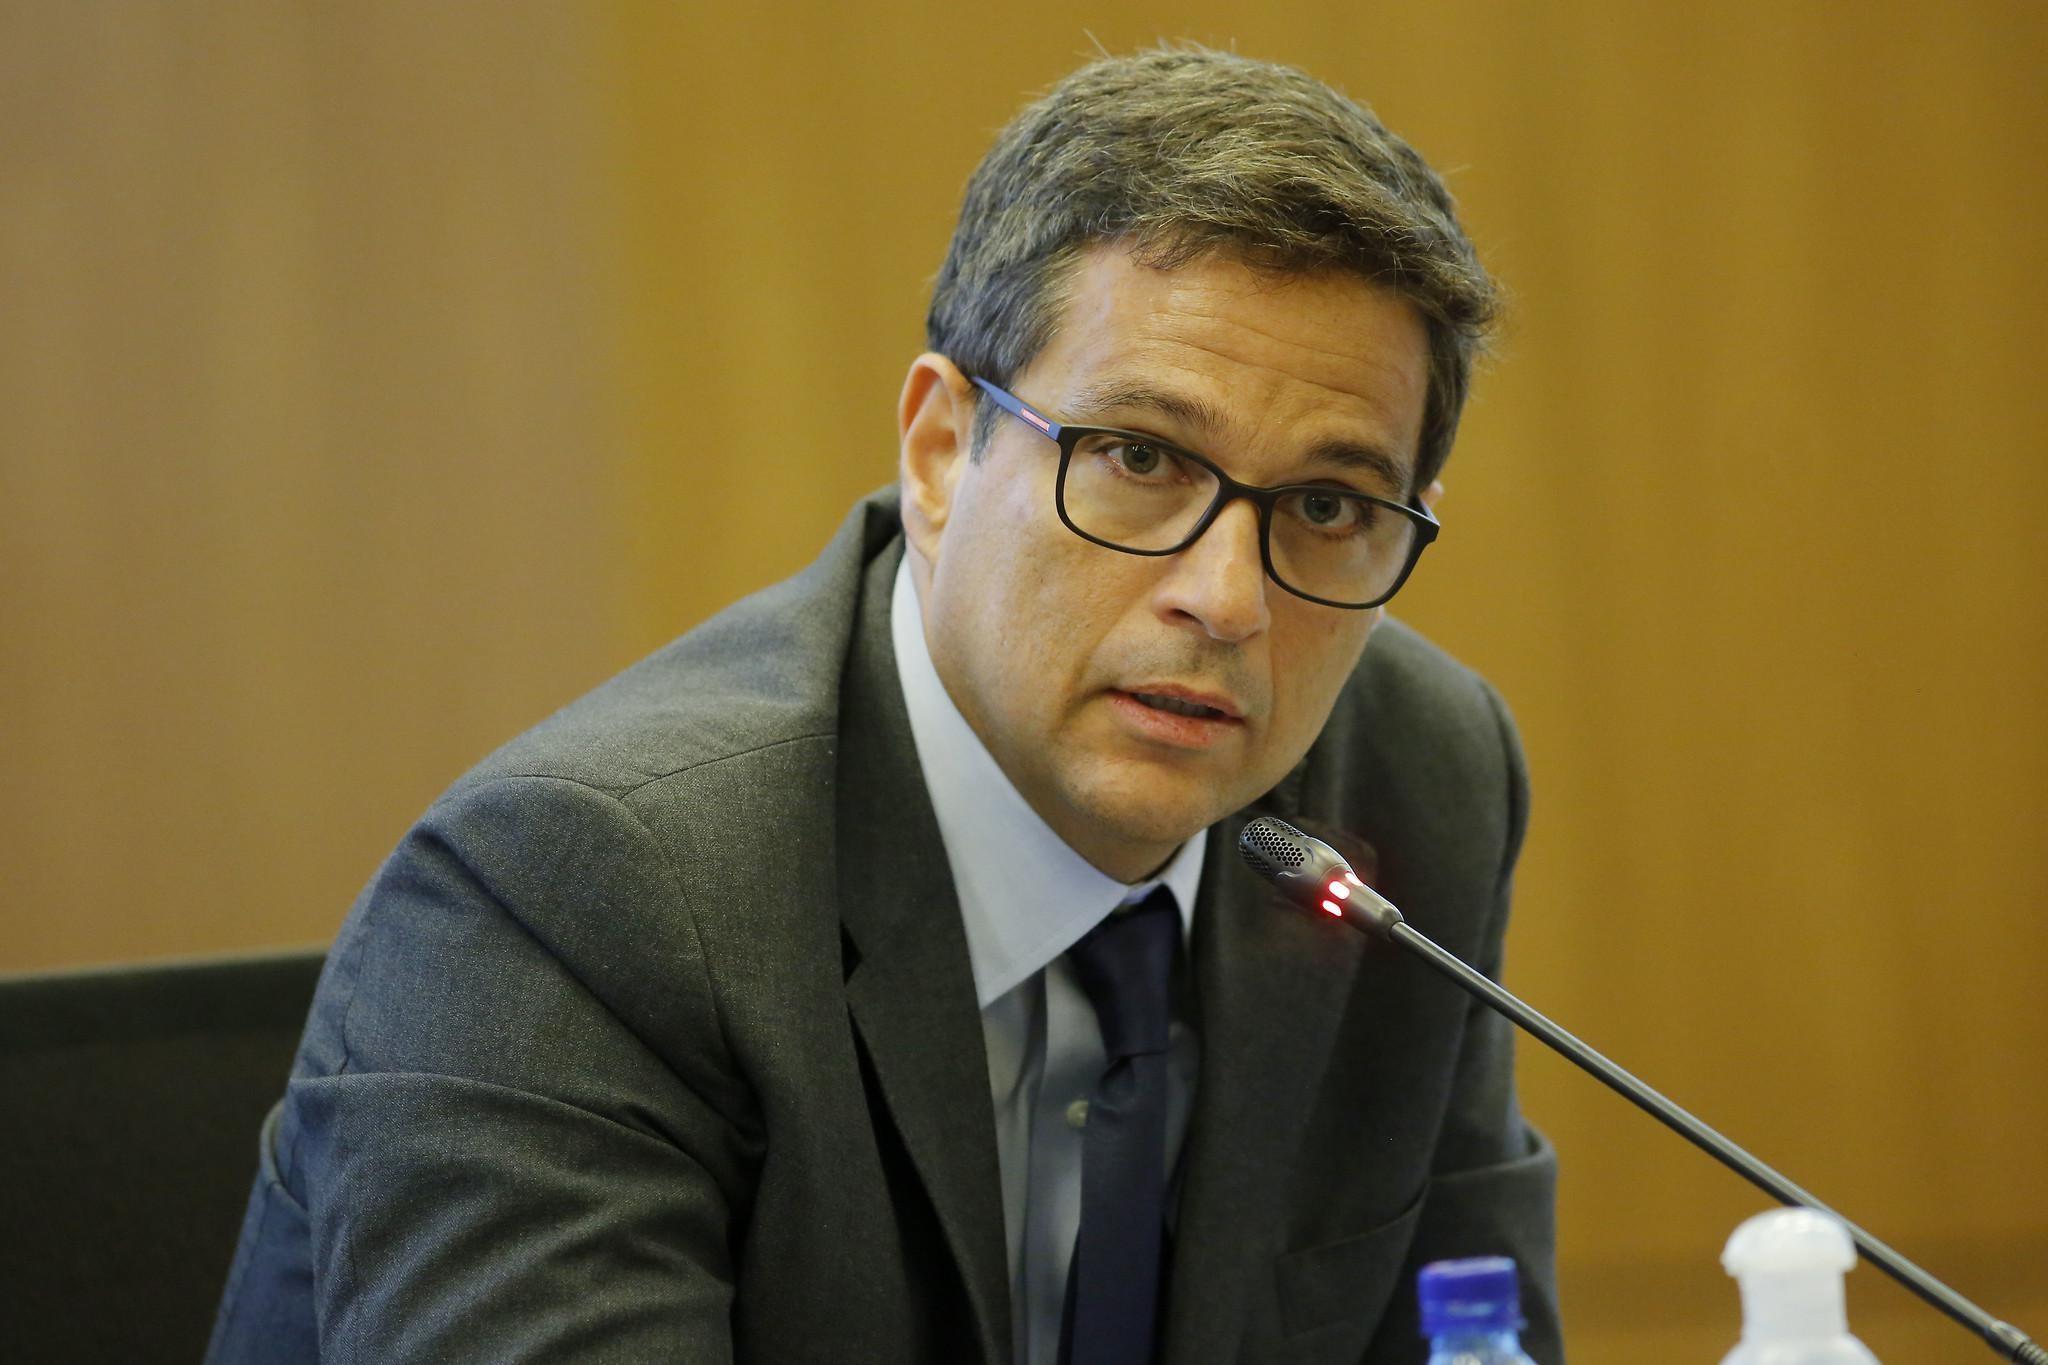 Campos reforça que criação do Pix não tem a ver com eventual imposto